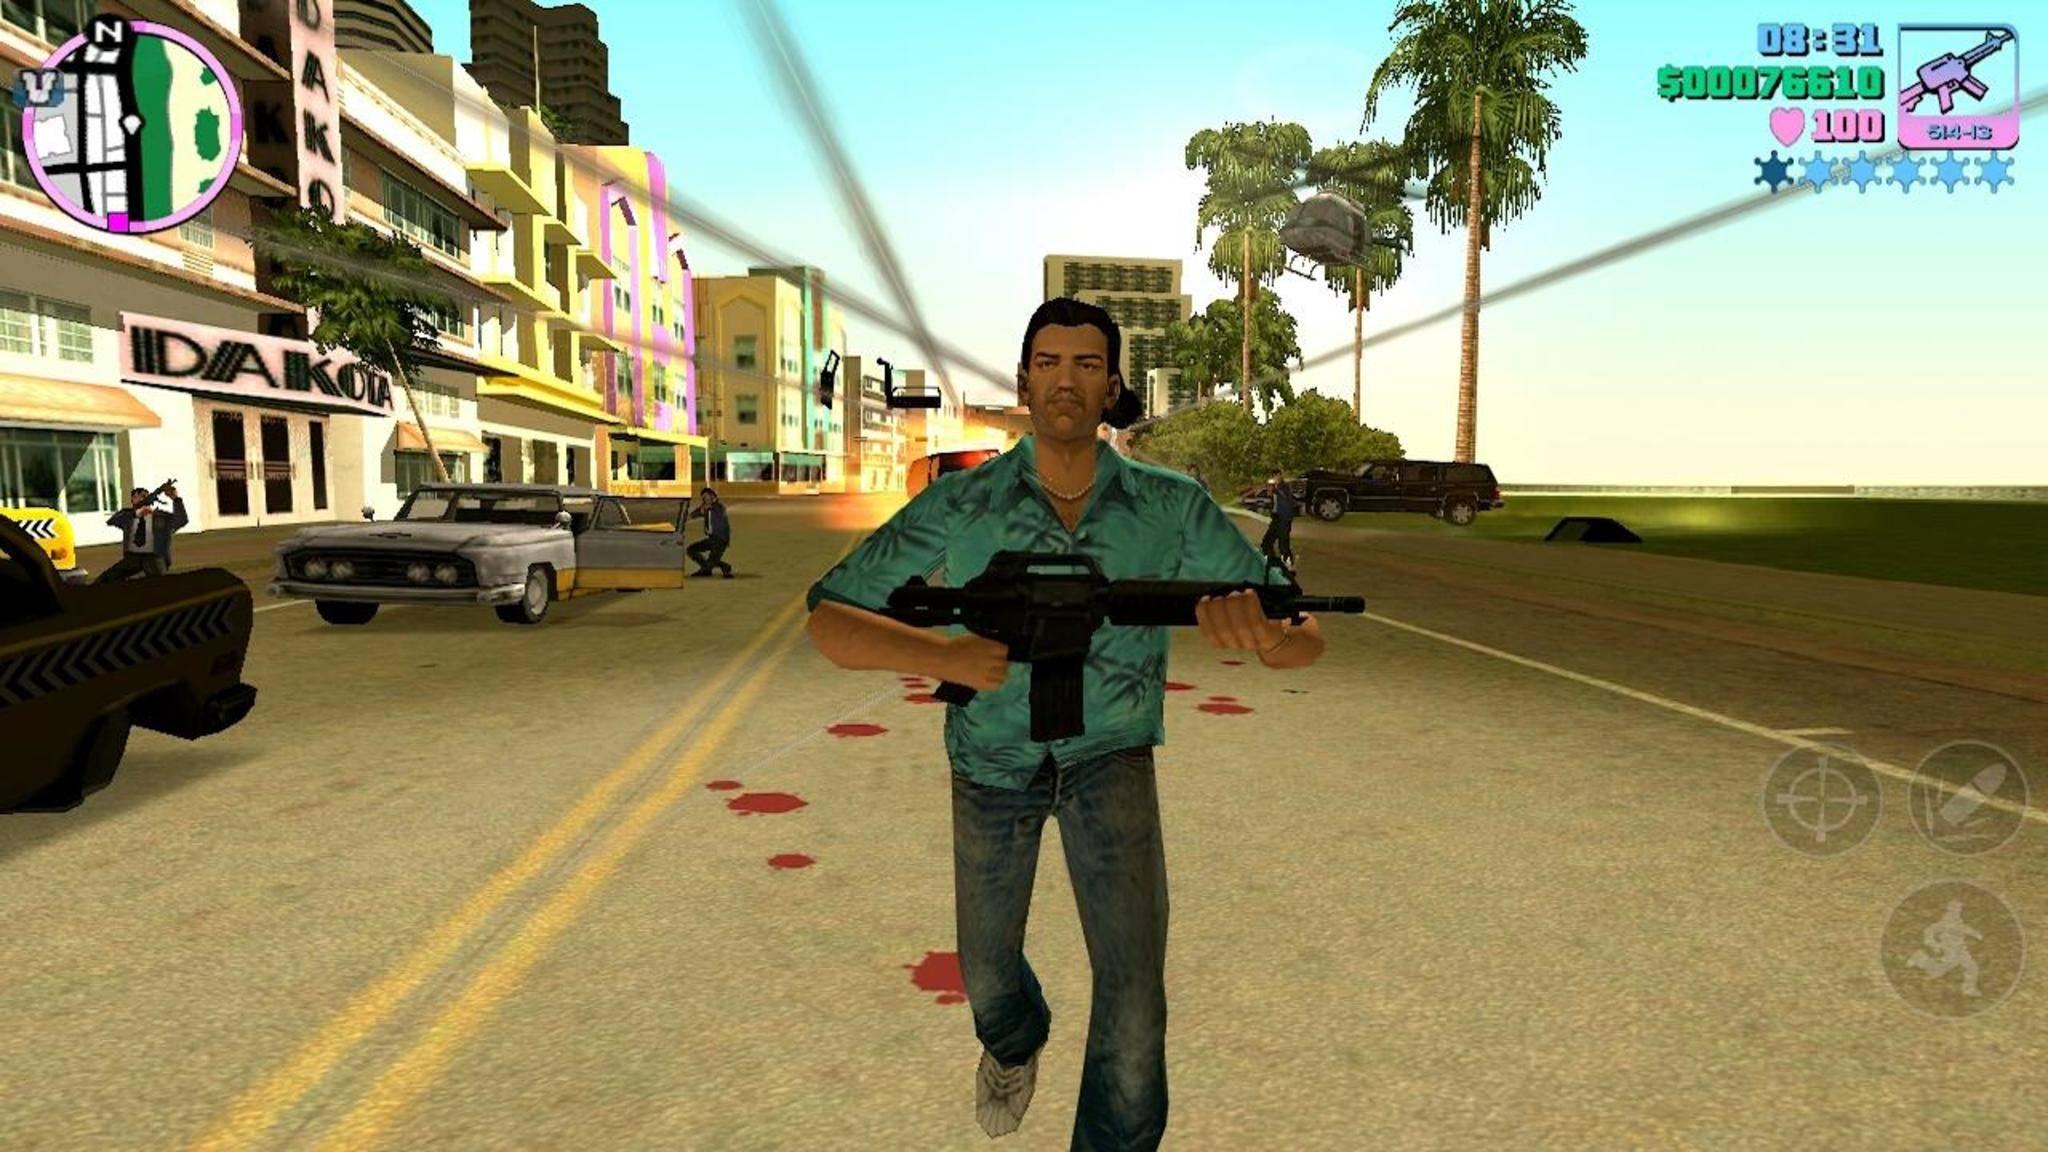 """In den """"GTA""""-Spielen eröffnen Cheats Deiner Gangsterkarriere ganz neue Perspektiven."""